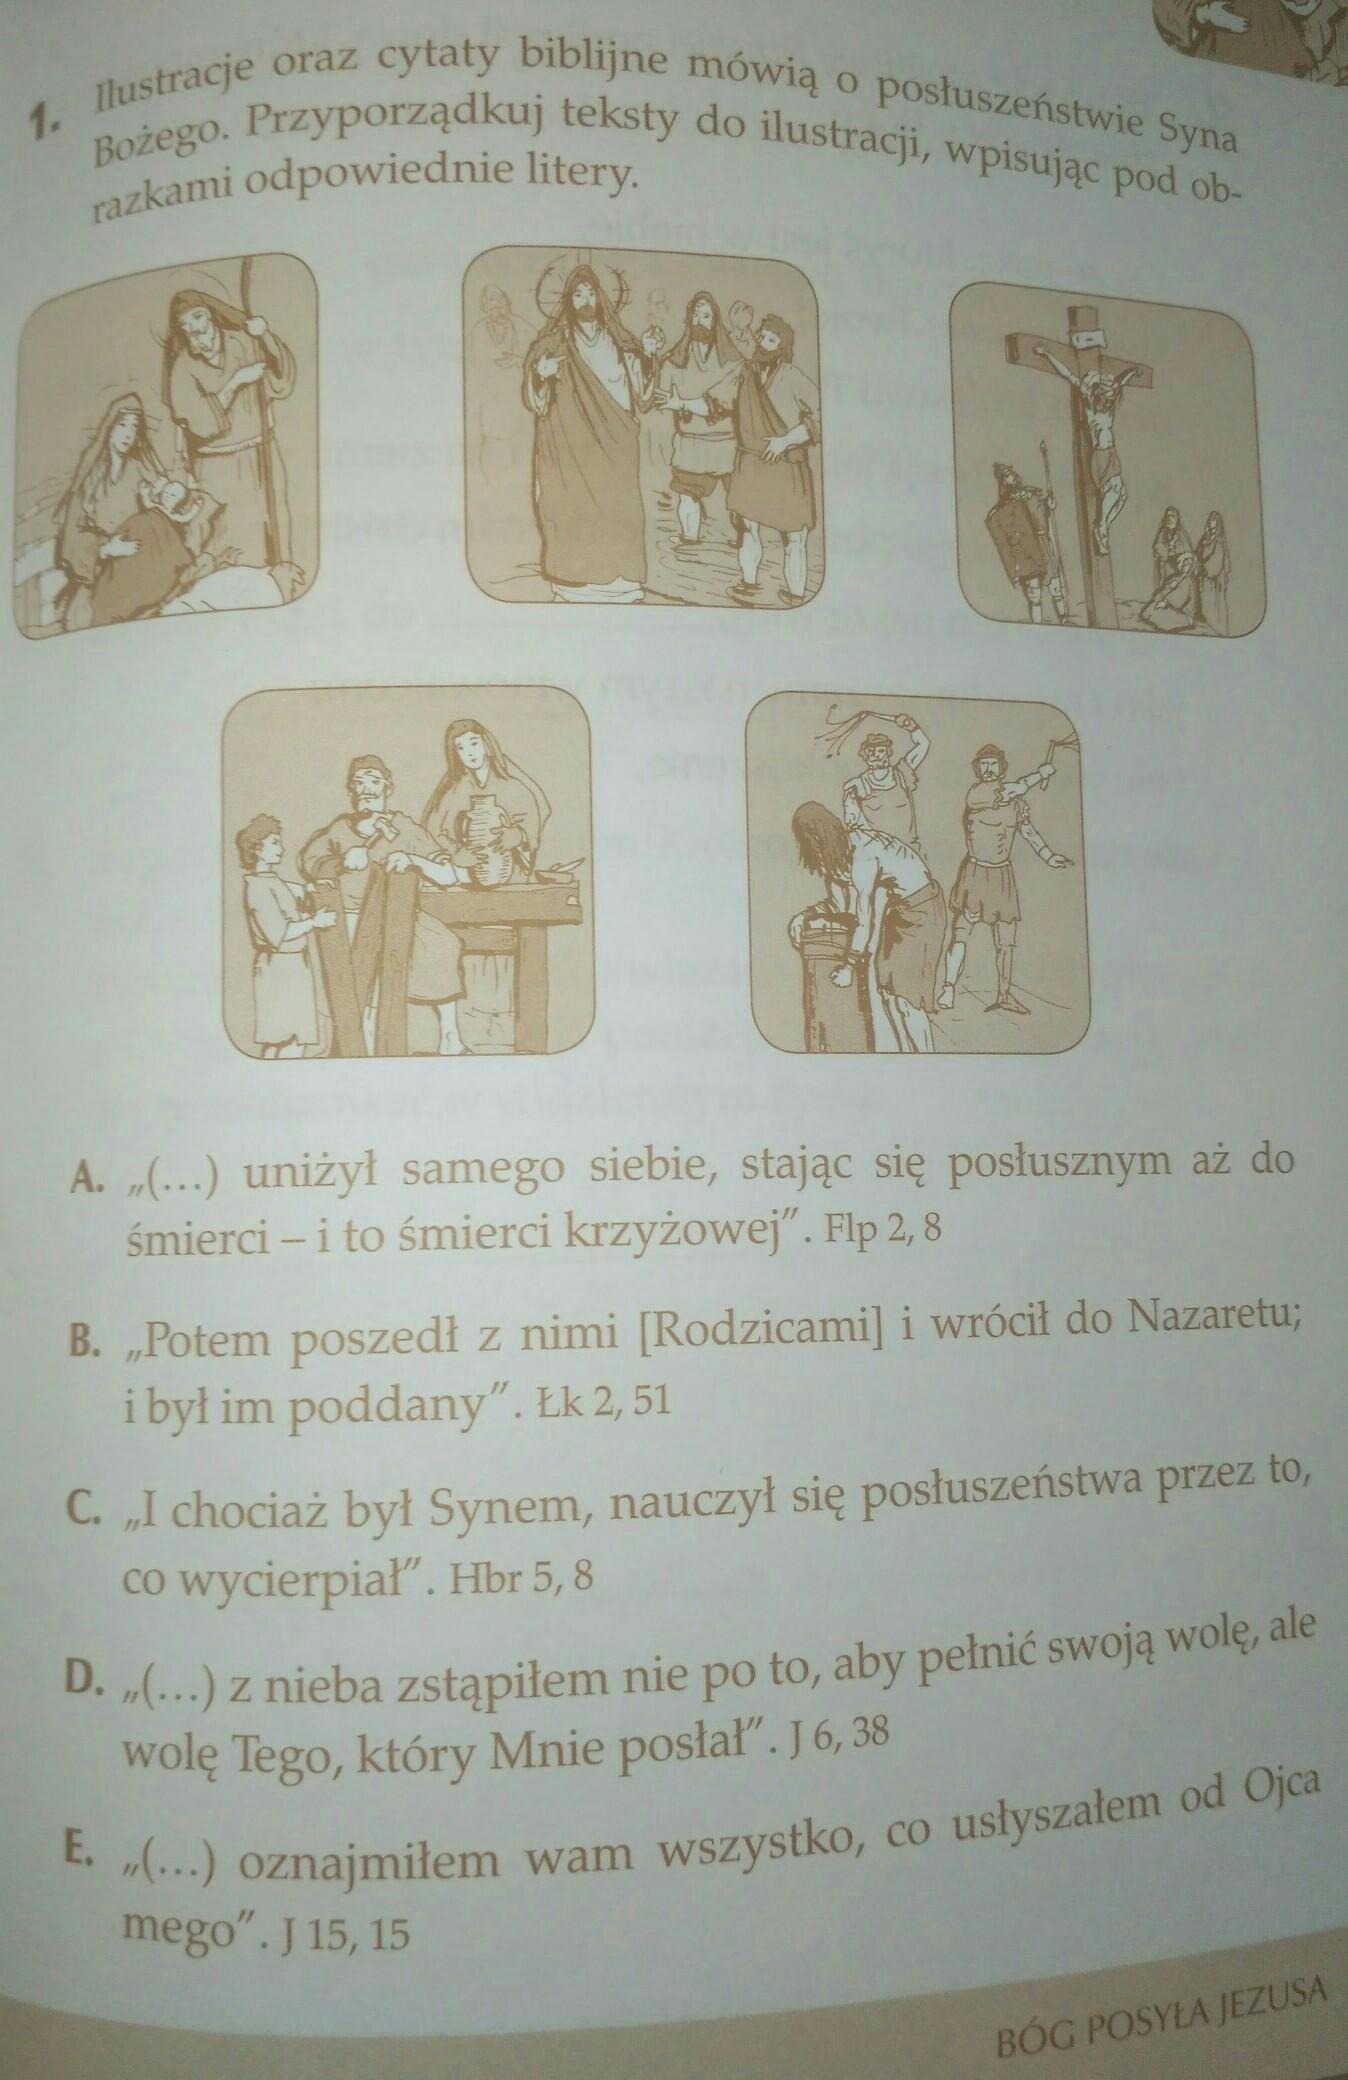 Ilustracje Oraz Cytaty Biblijne Mówią O Posłuszeństwie Syna